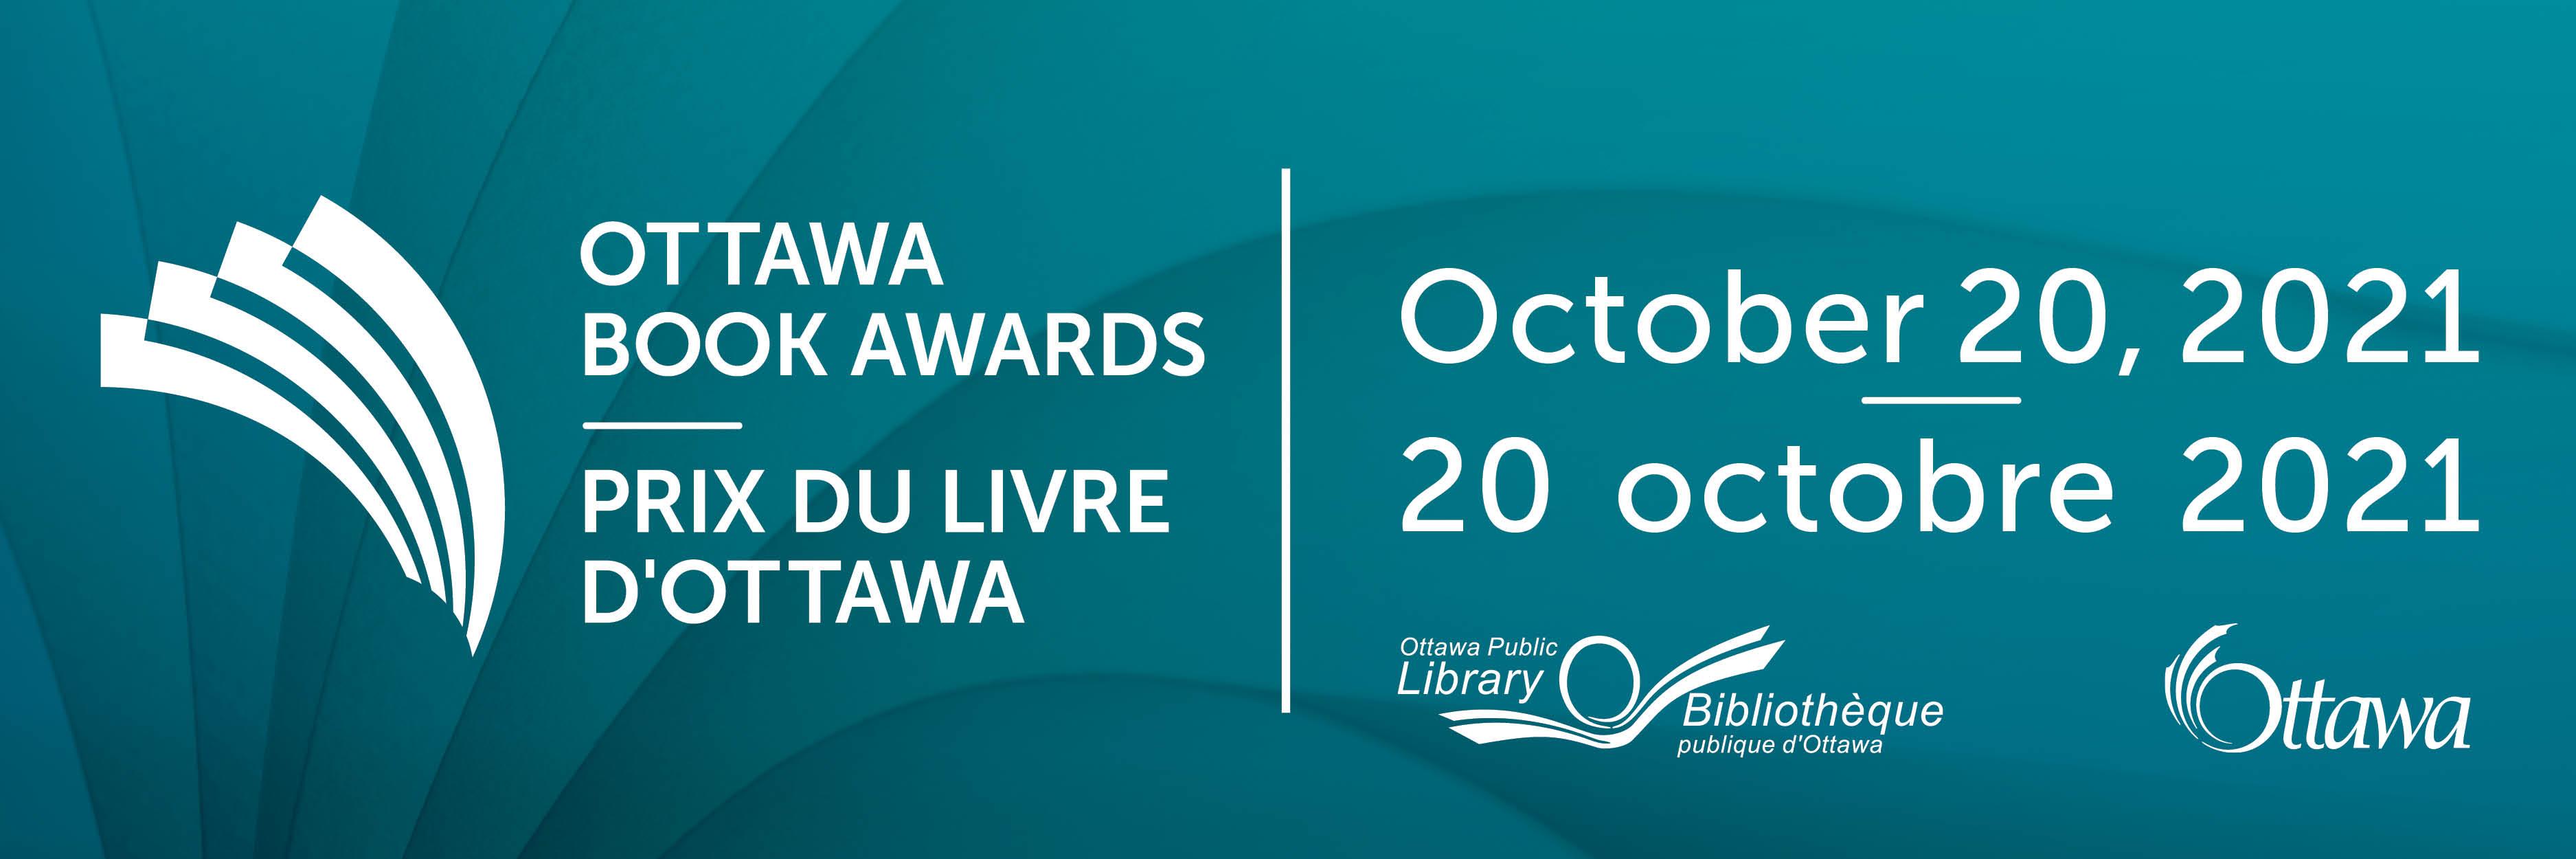 Ottawa Book Awards